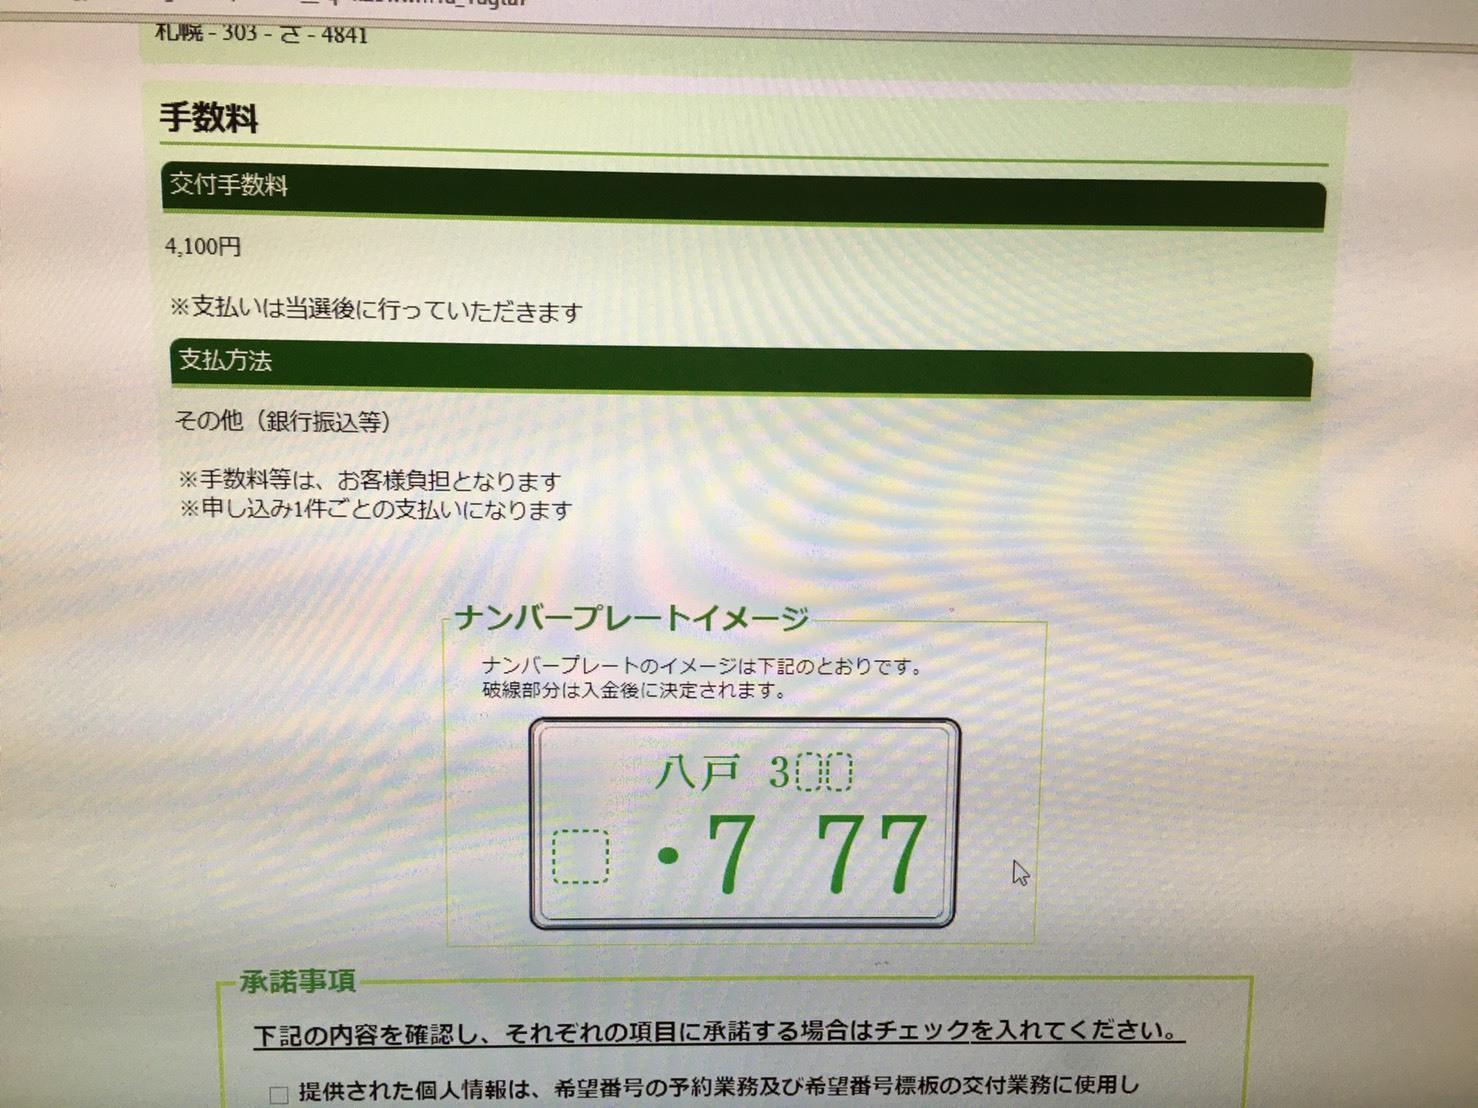 b0127002_19422138.jpg